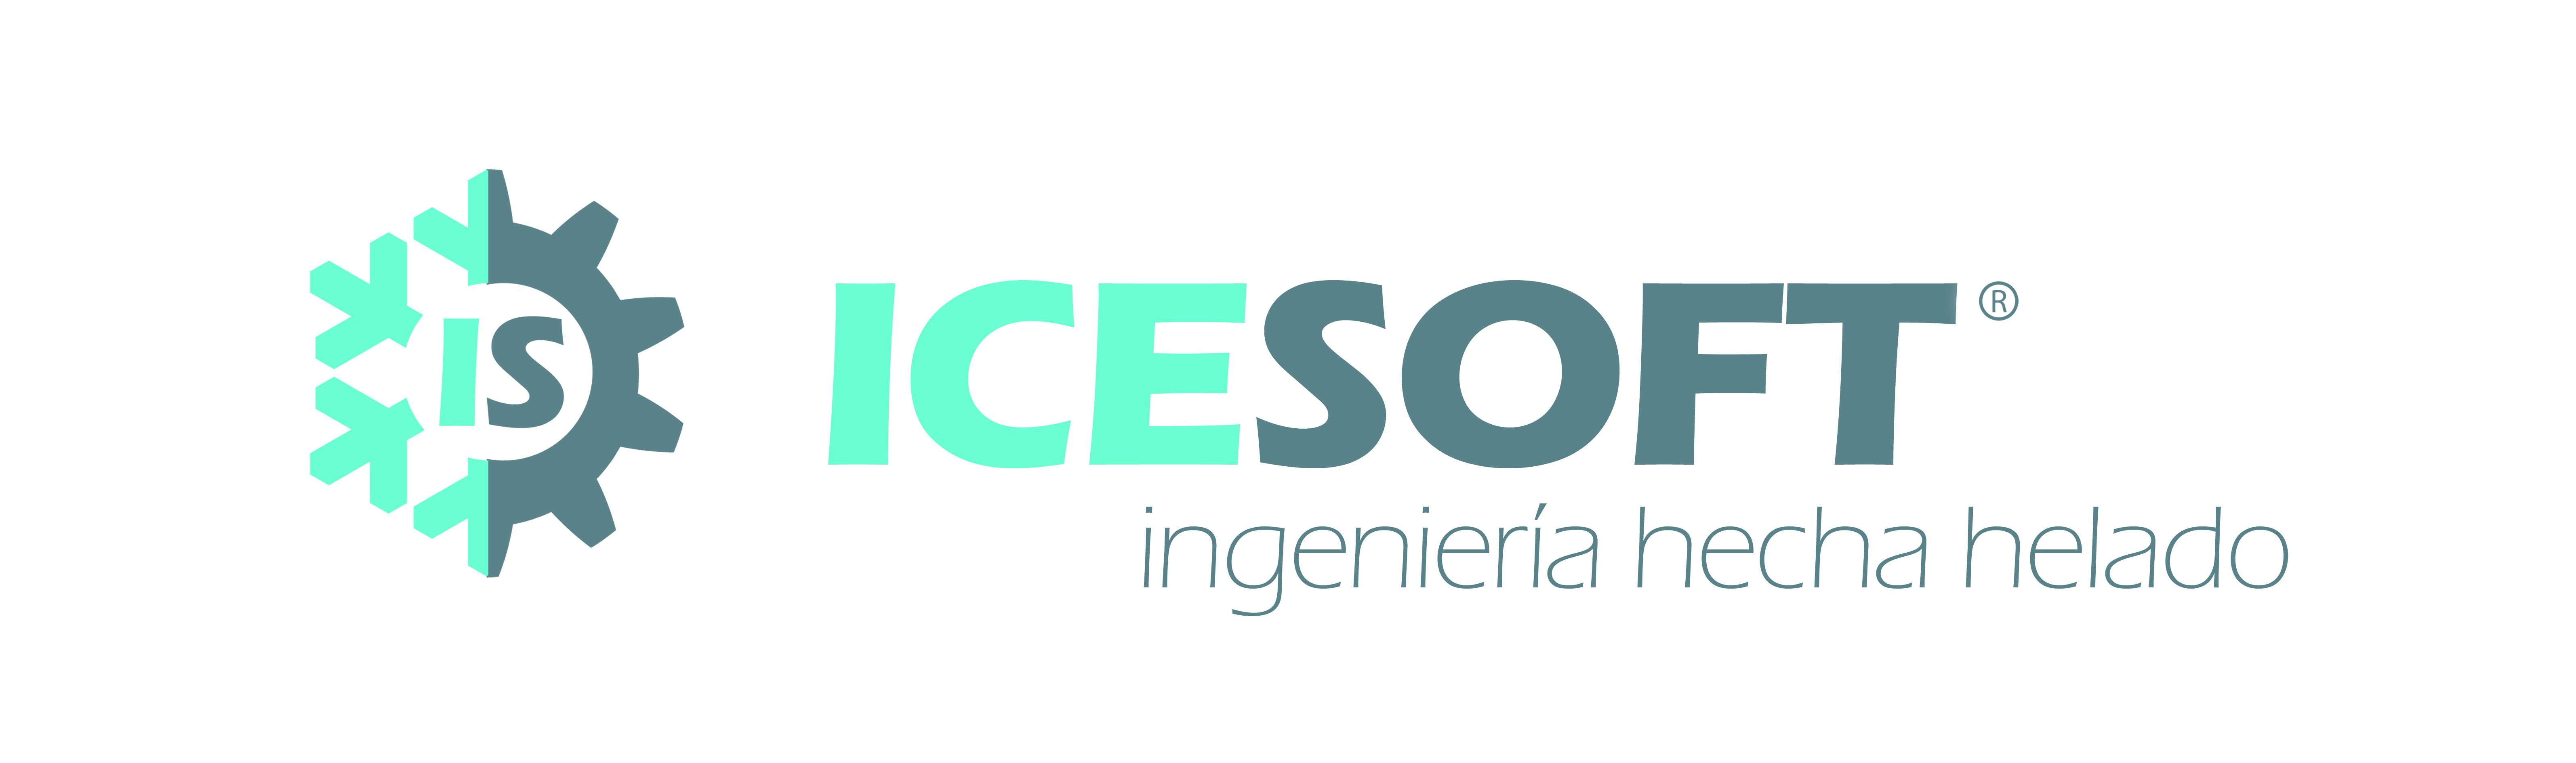 ICESOFT-MÁQUINAS DE HELADO SOFT / YOGURT HELADO